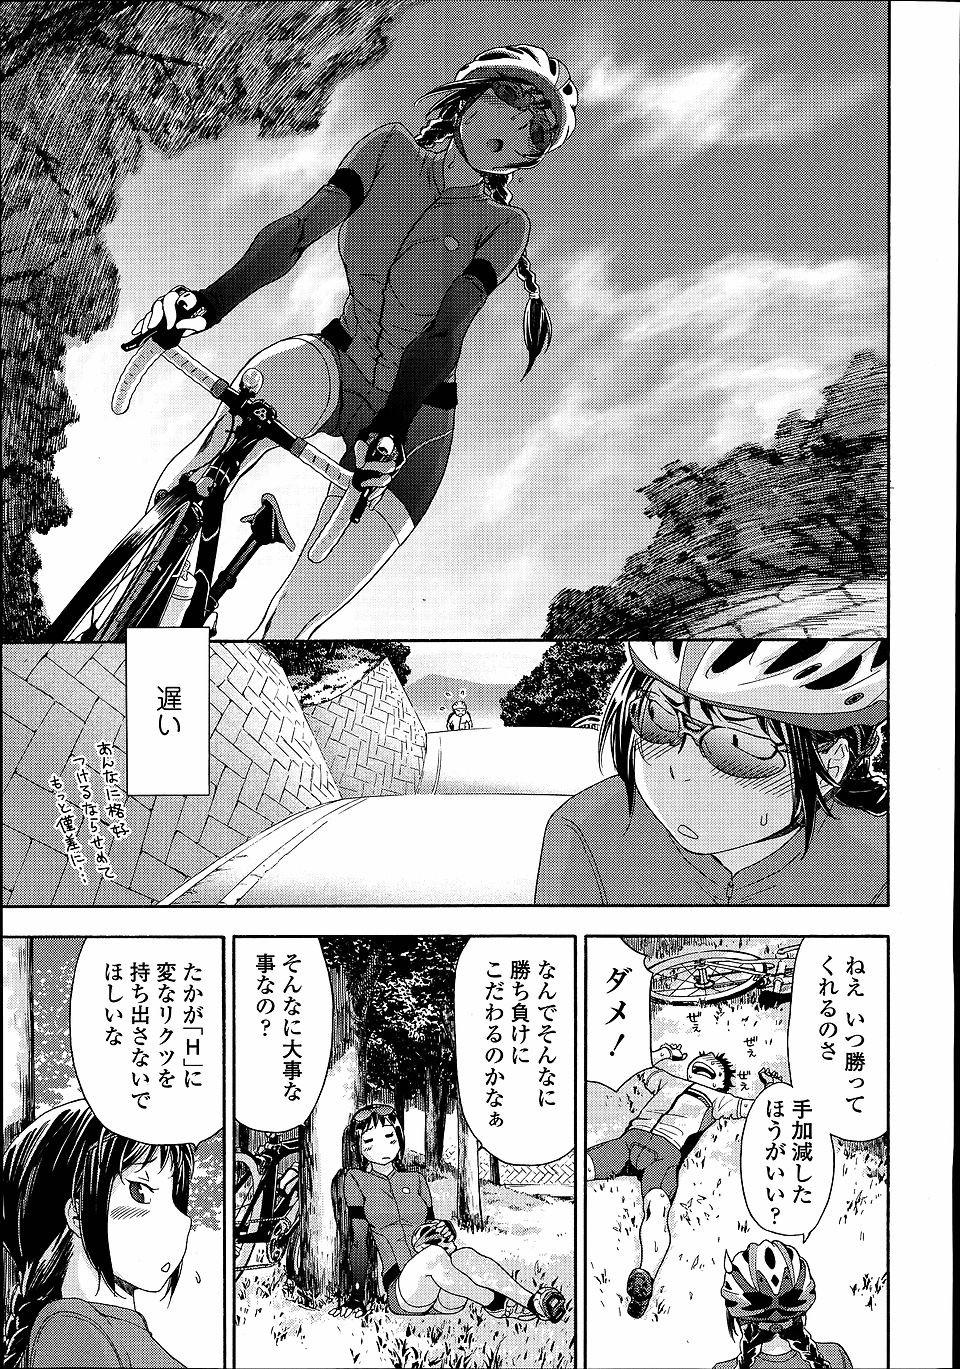 【エロ漫画・同人誌】自転車の競争で彼女に勝つまではエッチしないと決めた彼氏があまりにも勝ってくれないので我慢できなくなって自分から襲っちゃう彼女www 005